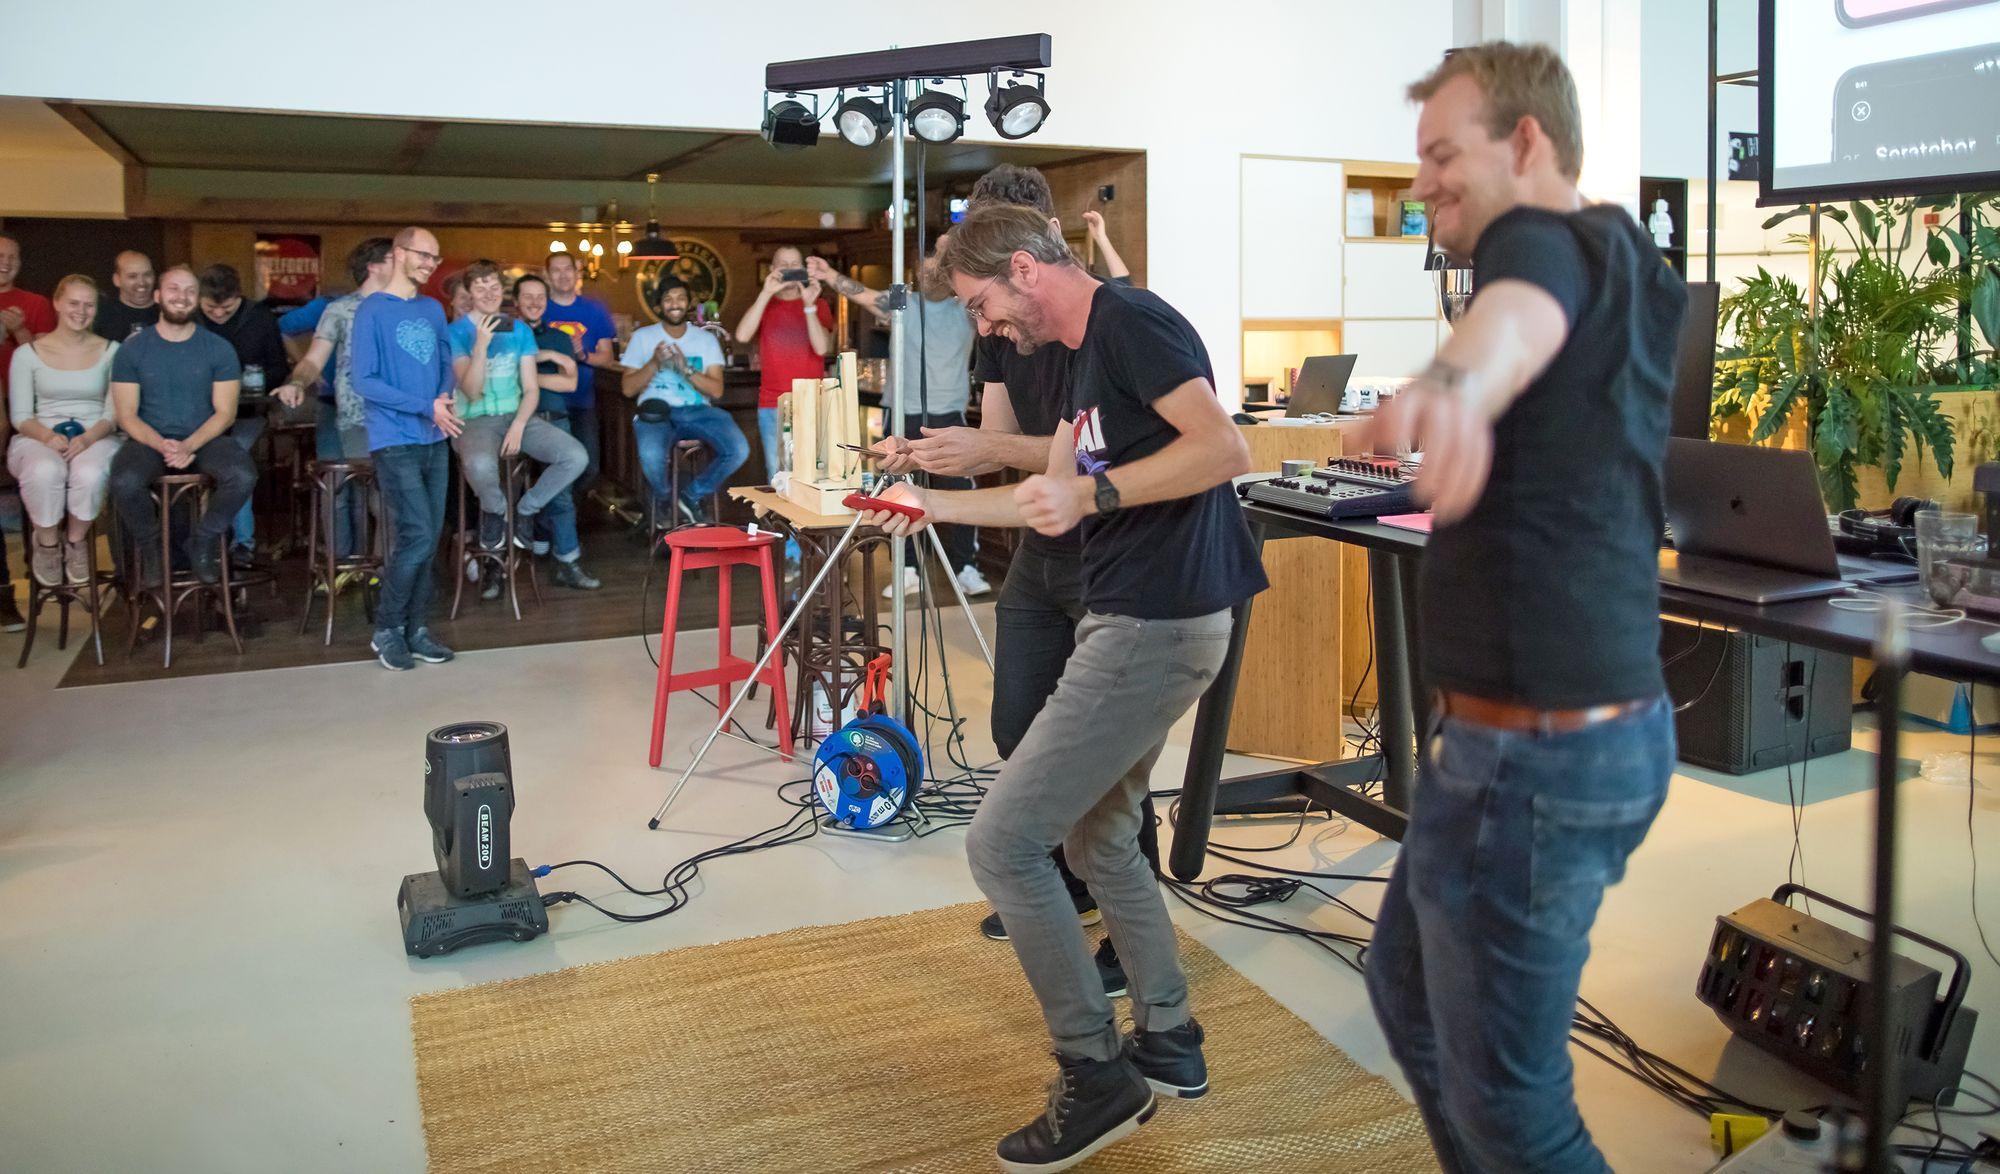 Dansende developers tijdens de demo's van een hackathon bij internetbureau Q42